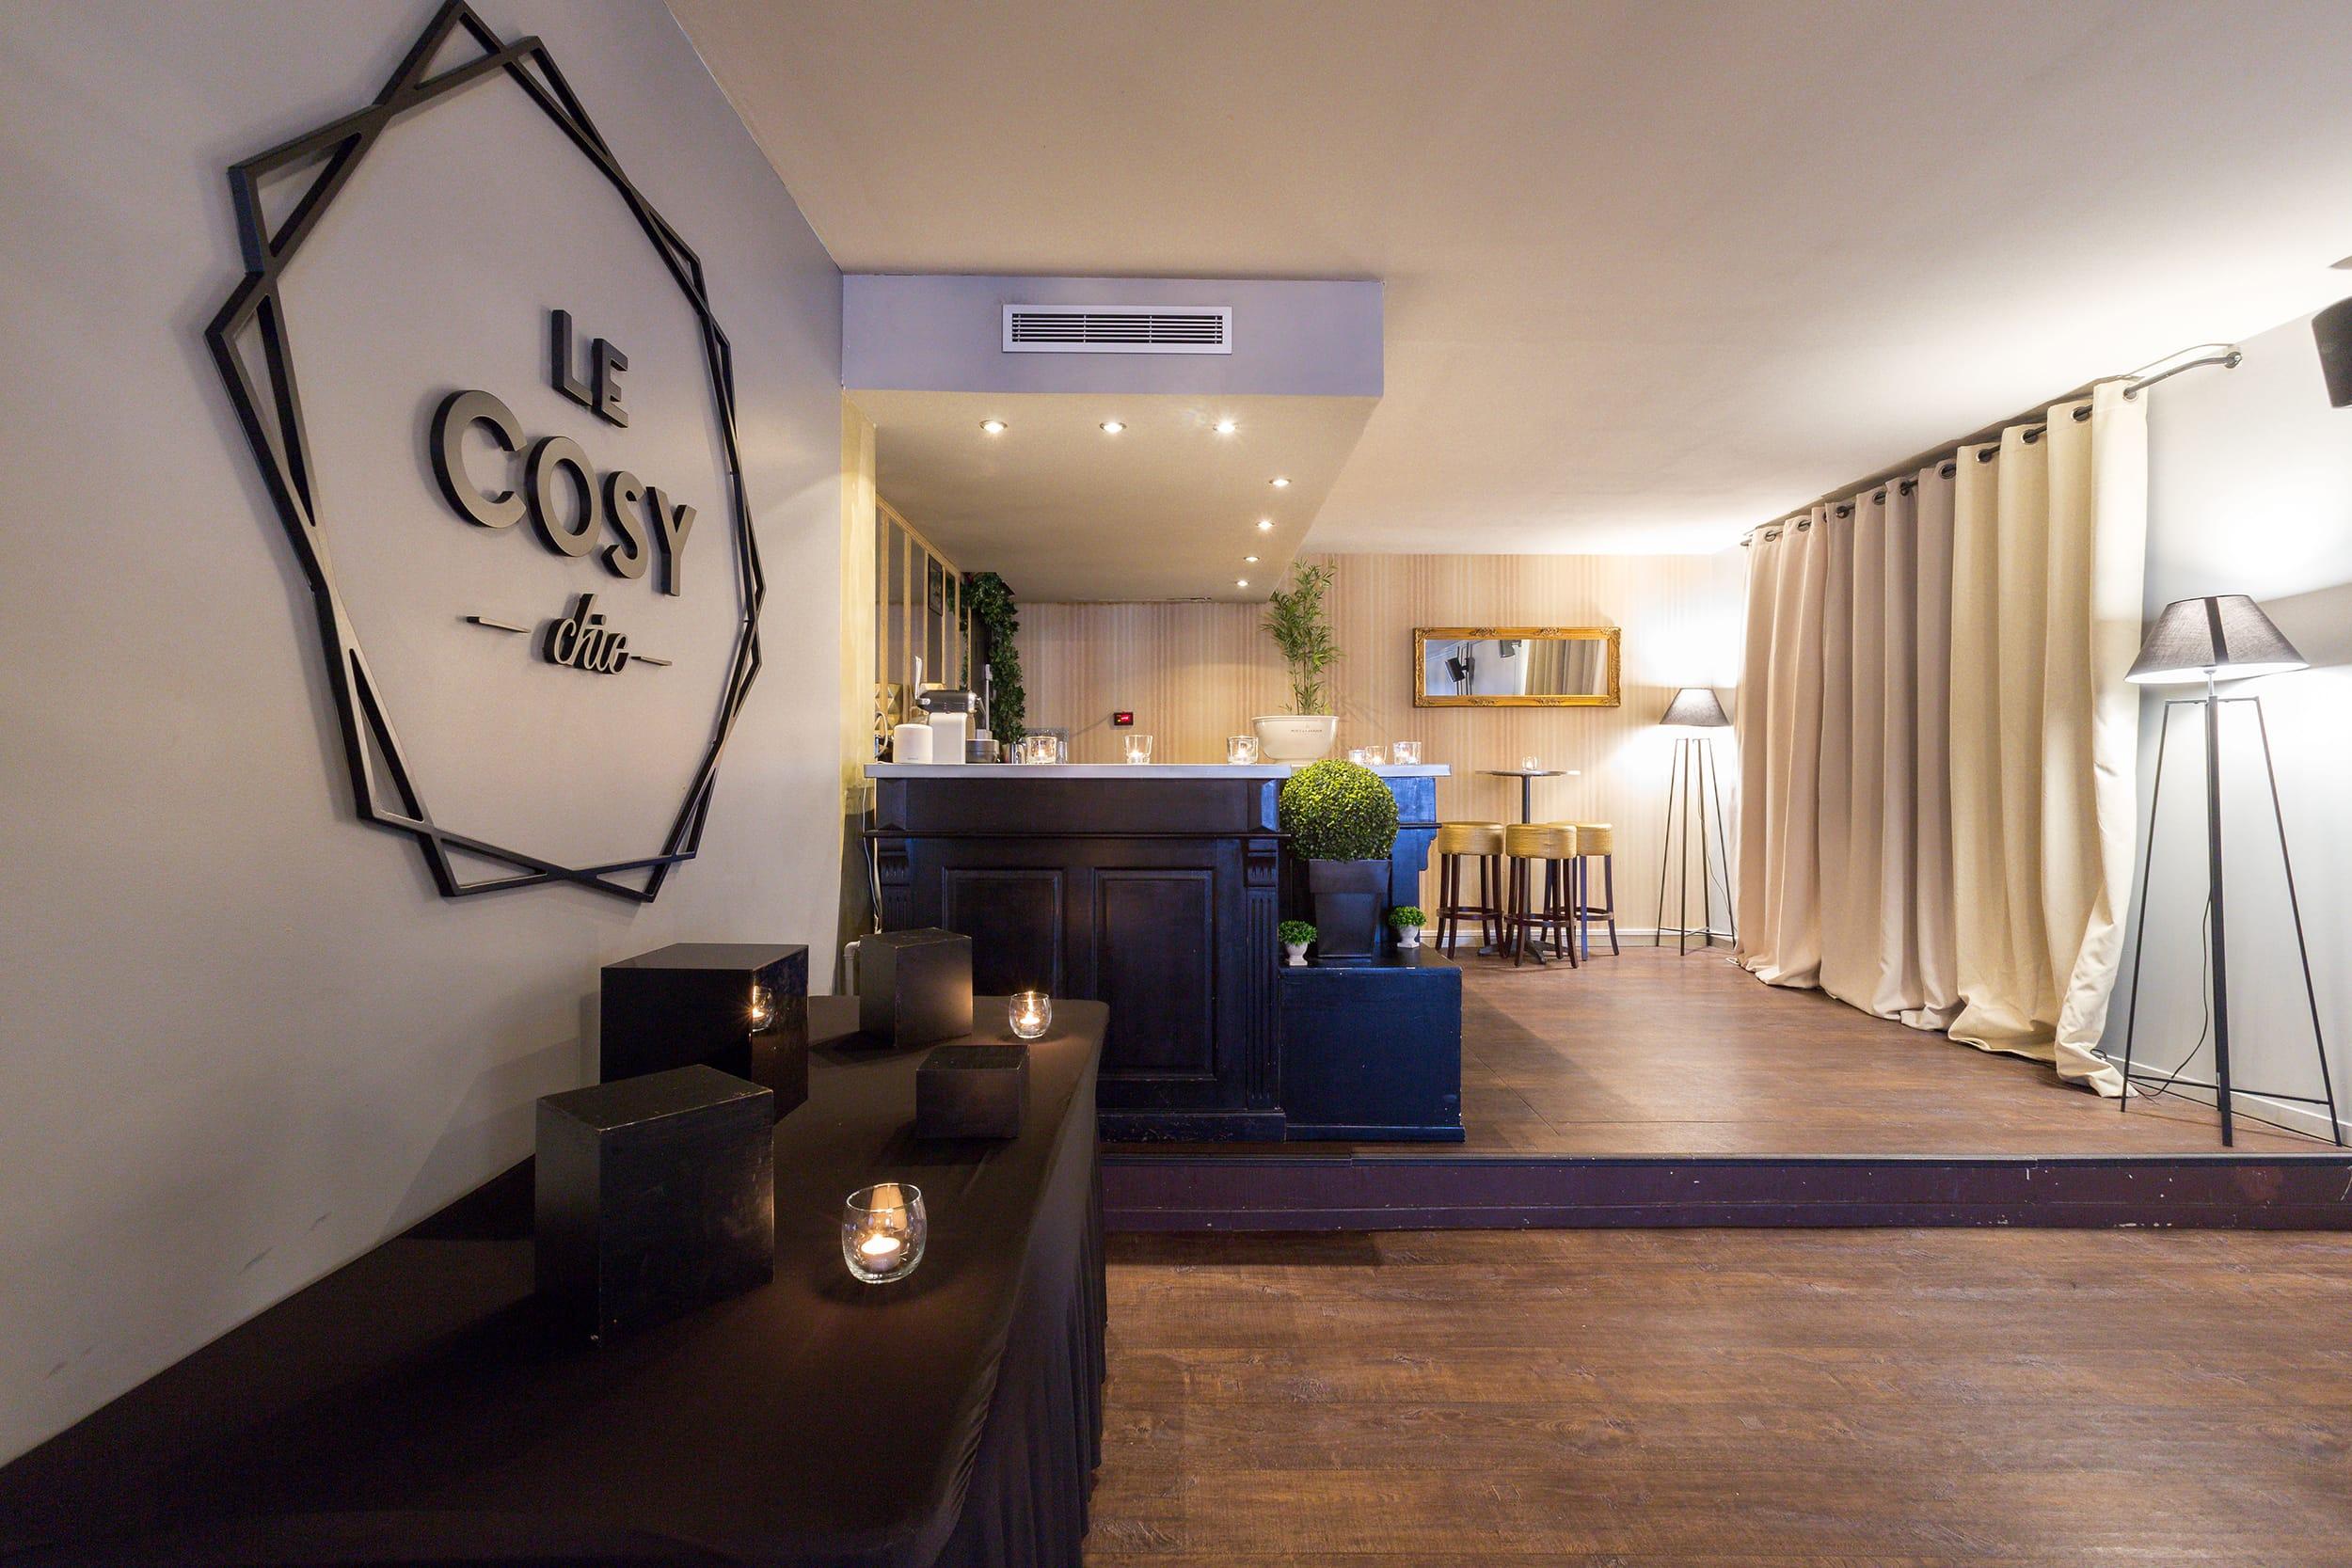 Le Cosy Chic ( lieu événementiel pour cocktail, réunion, séminaire)